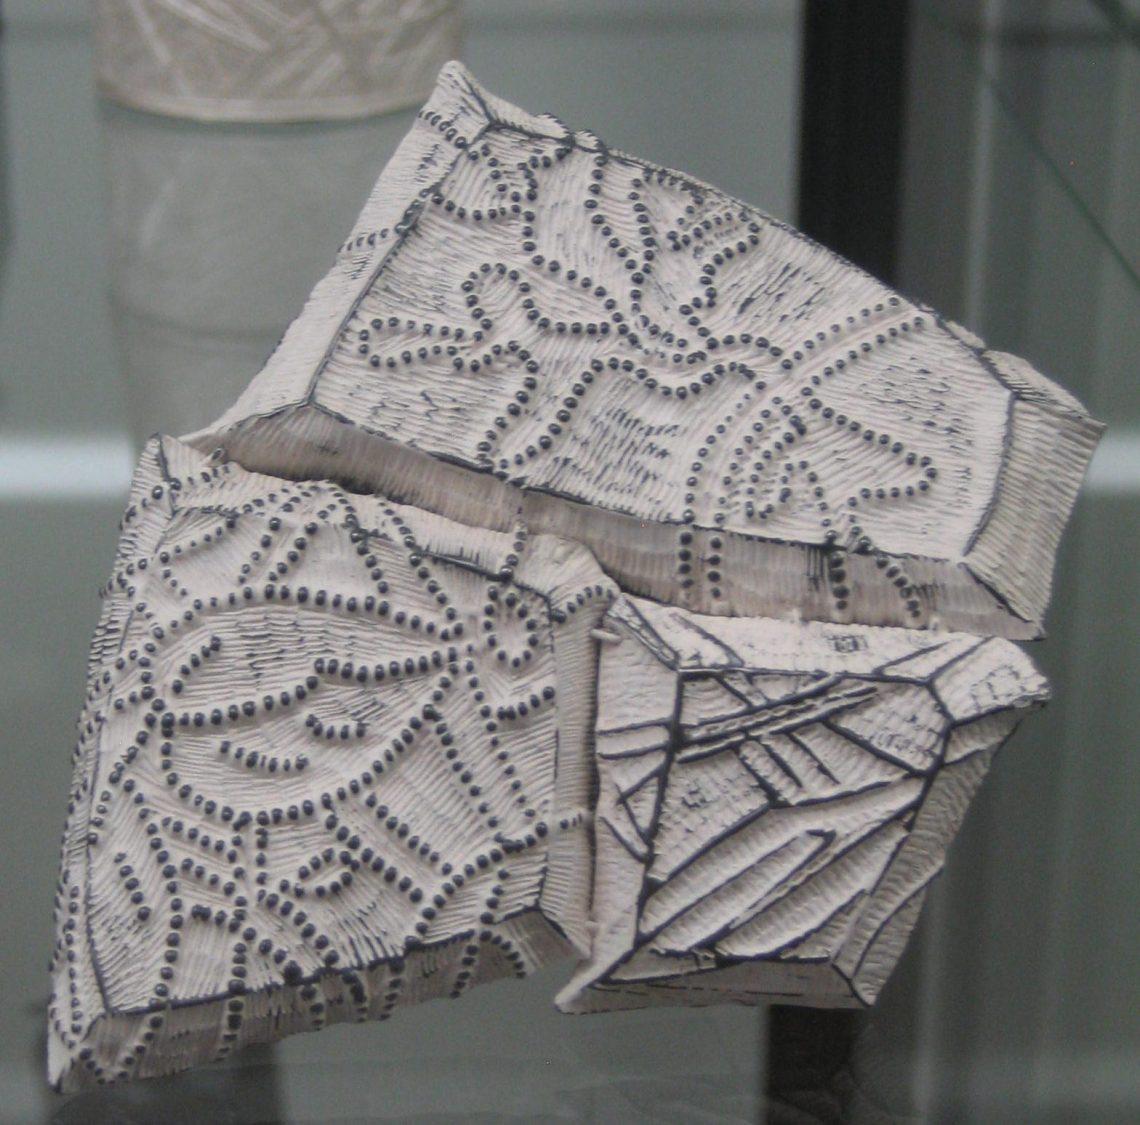 Julie Blyfield, broche in Galerie Ra, juni 2018. Foto Esther Doornbusch, 2018, CC BY 4.0